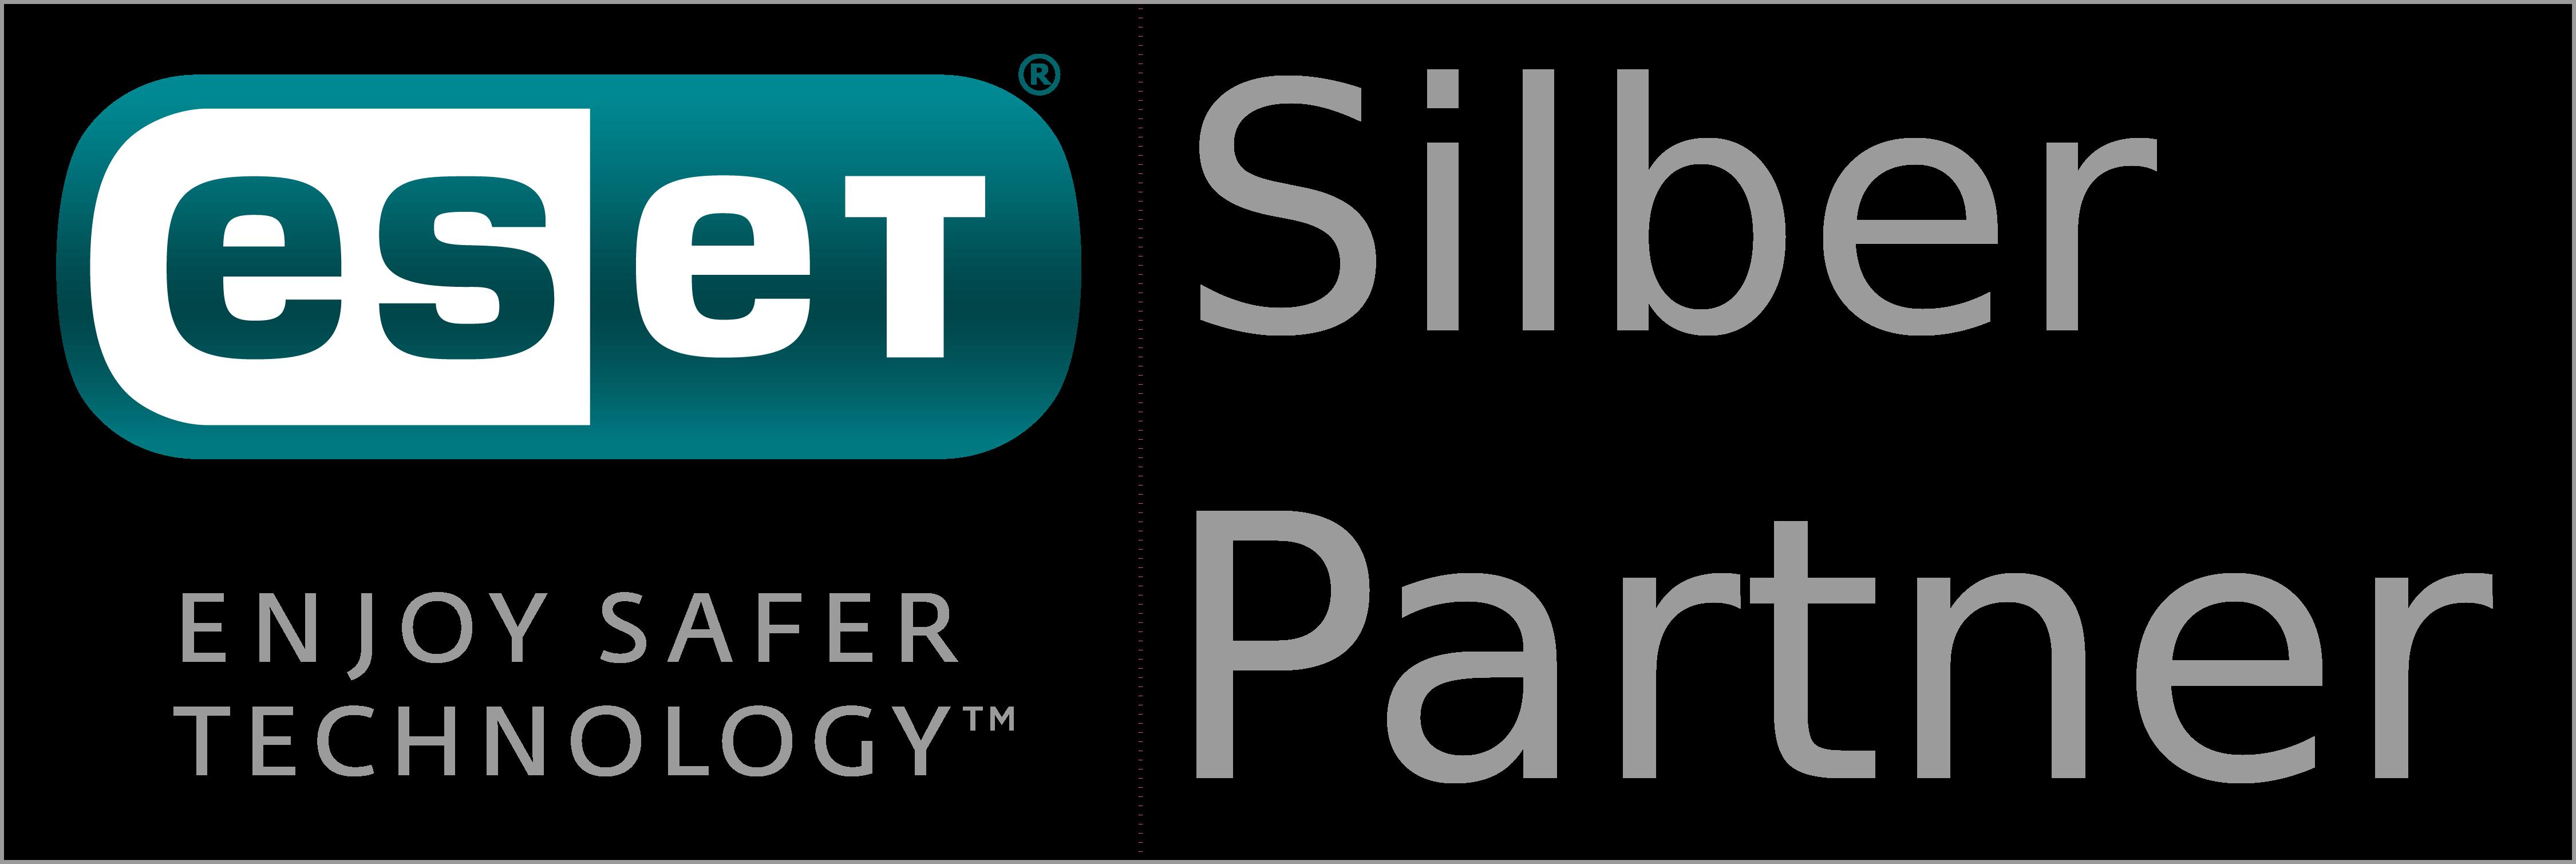 ESET Silber Partner